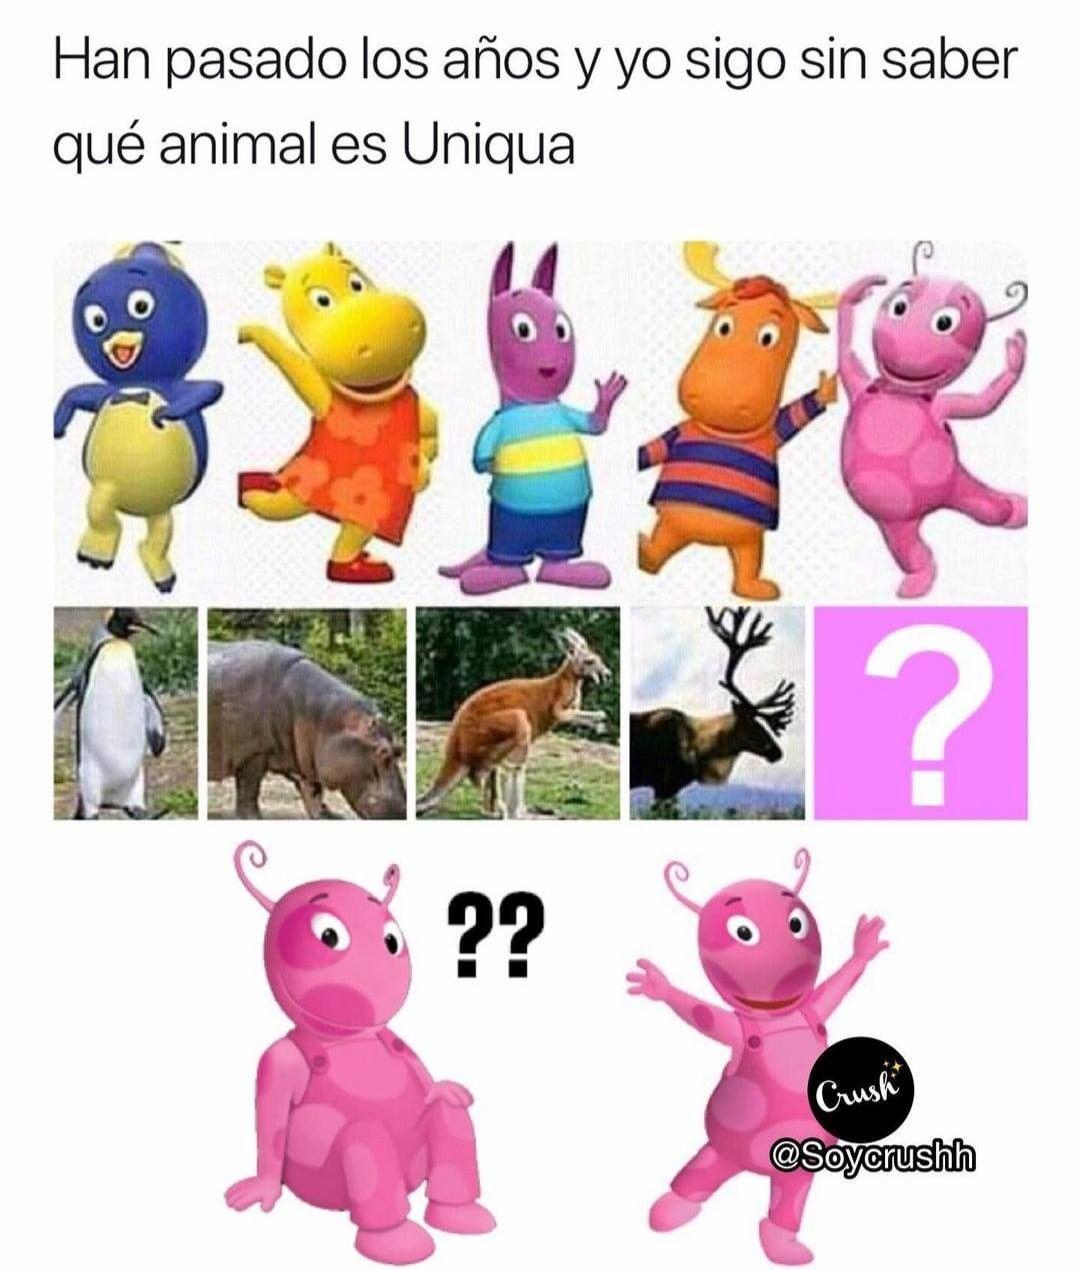 Han pasado los años y yo sigo sin saber qué animal es Uniqua.